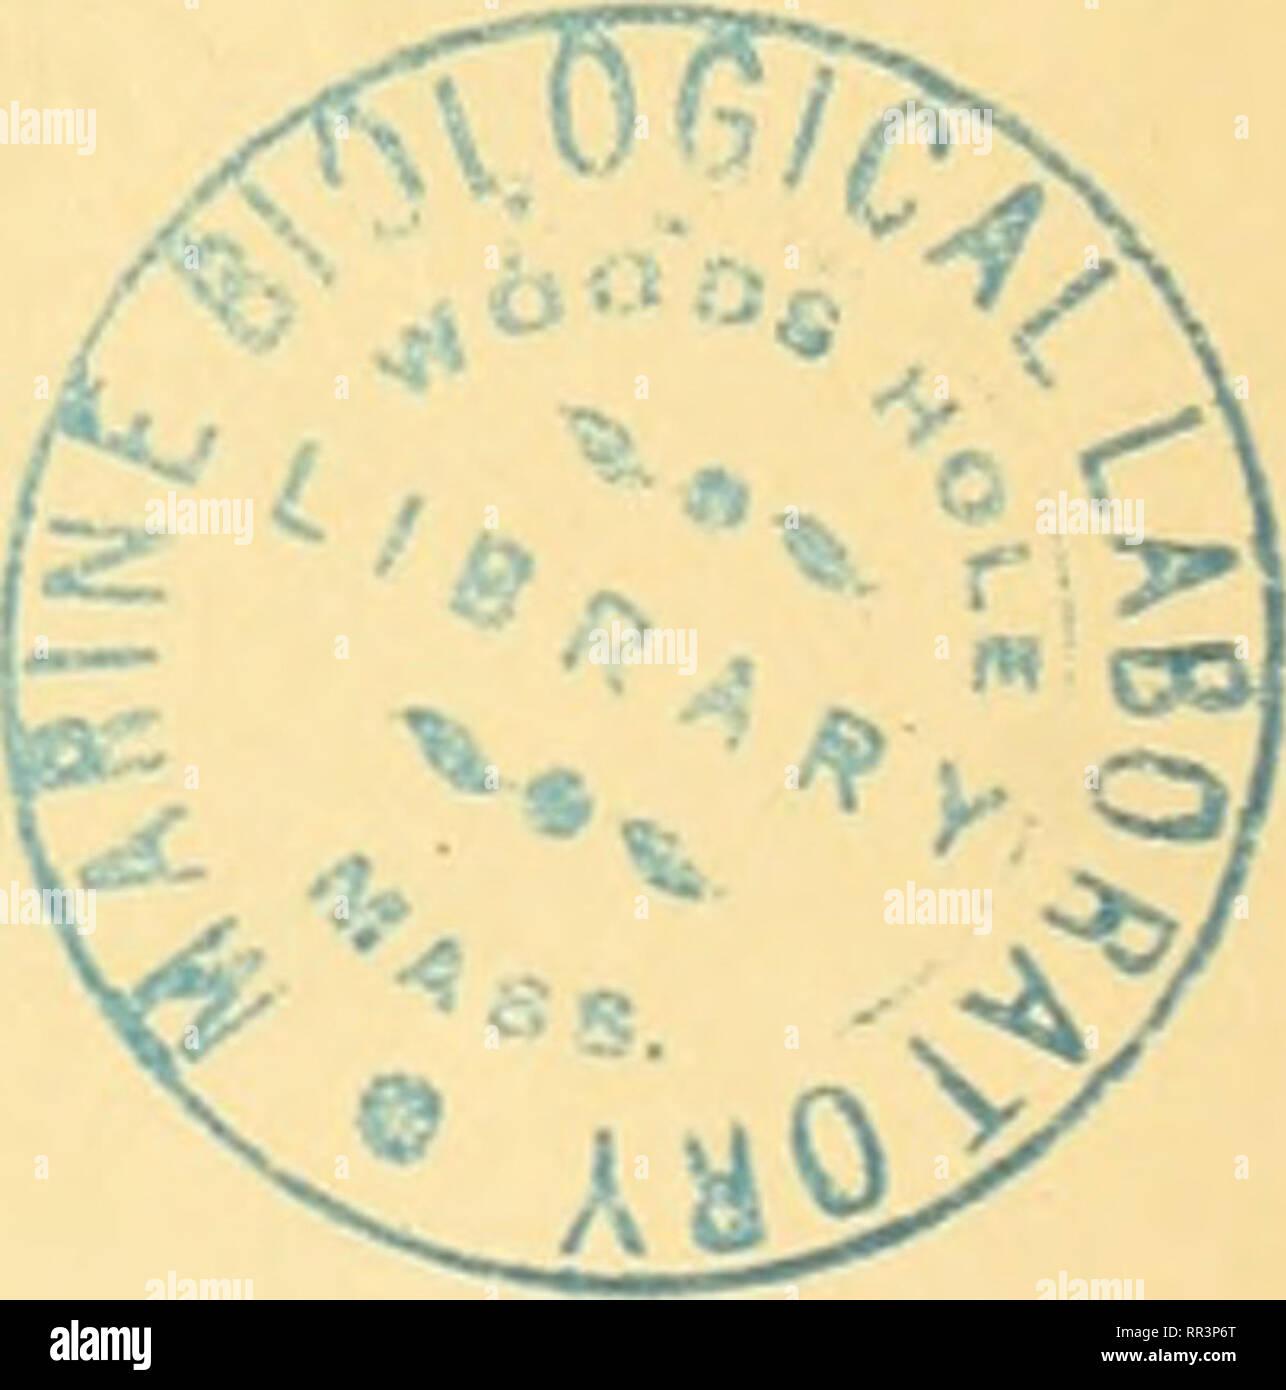 Acta Societatis Scientiarum Fennicae  Science  Contents